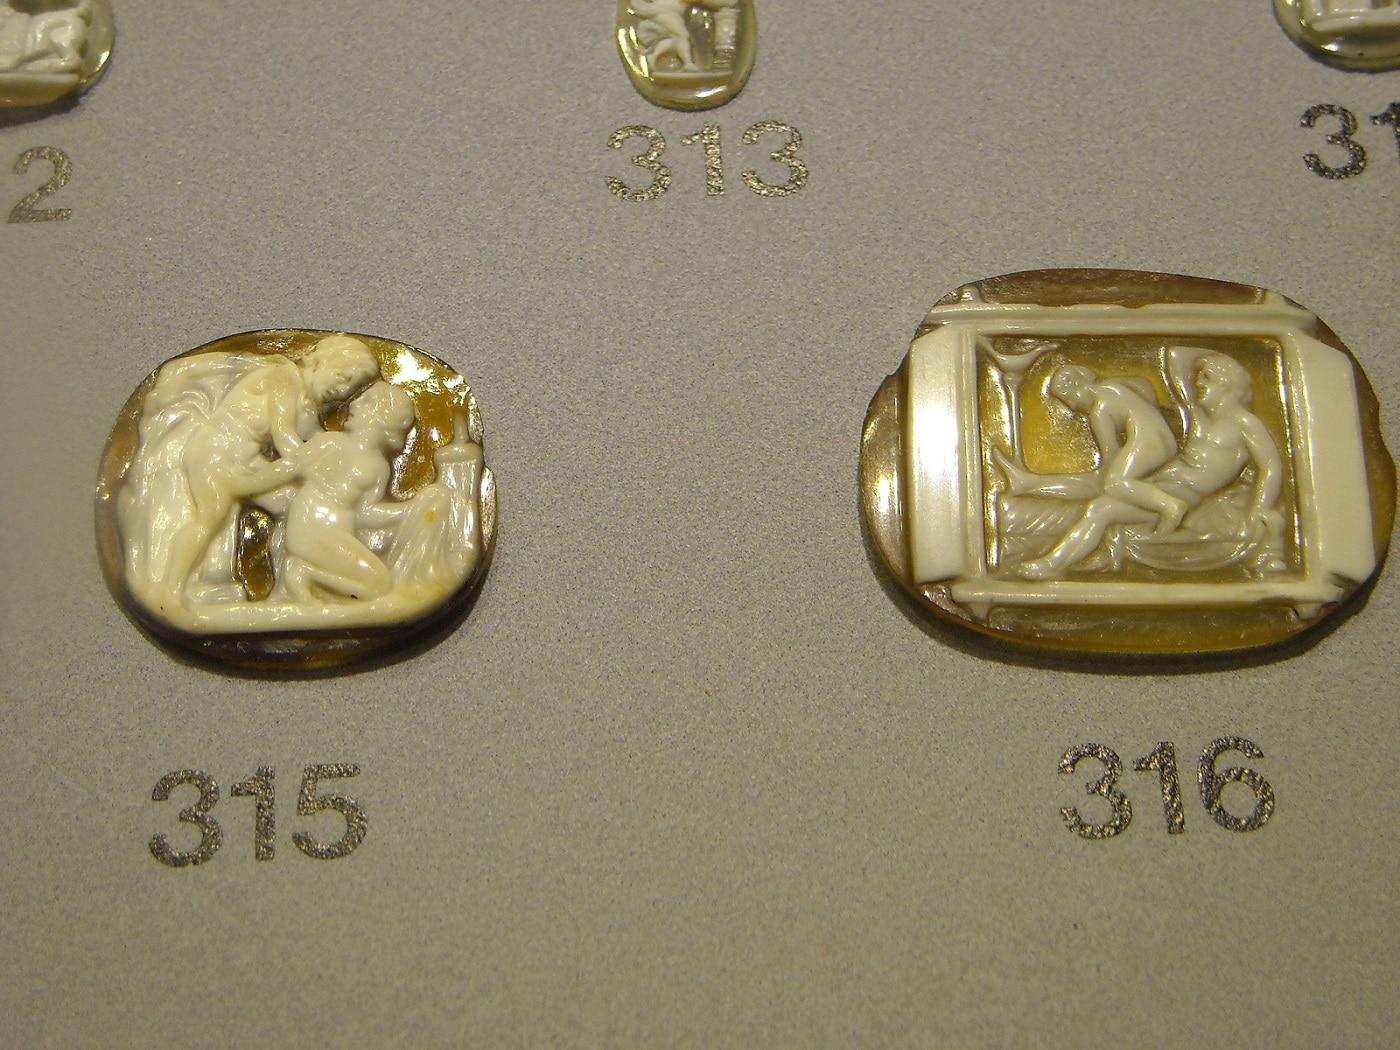 Numeroase obiecte interesante sunt afișate în muzeele din Napoli